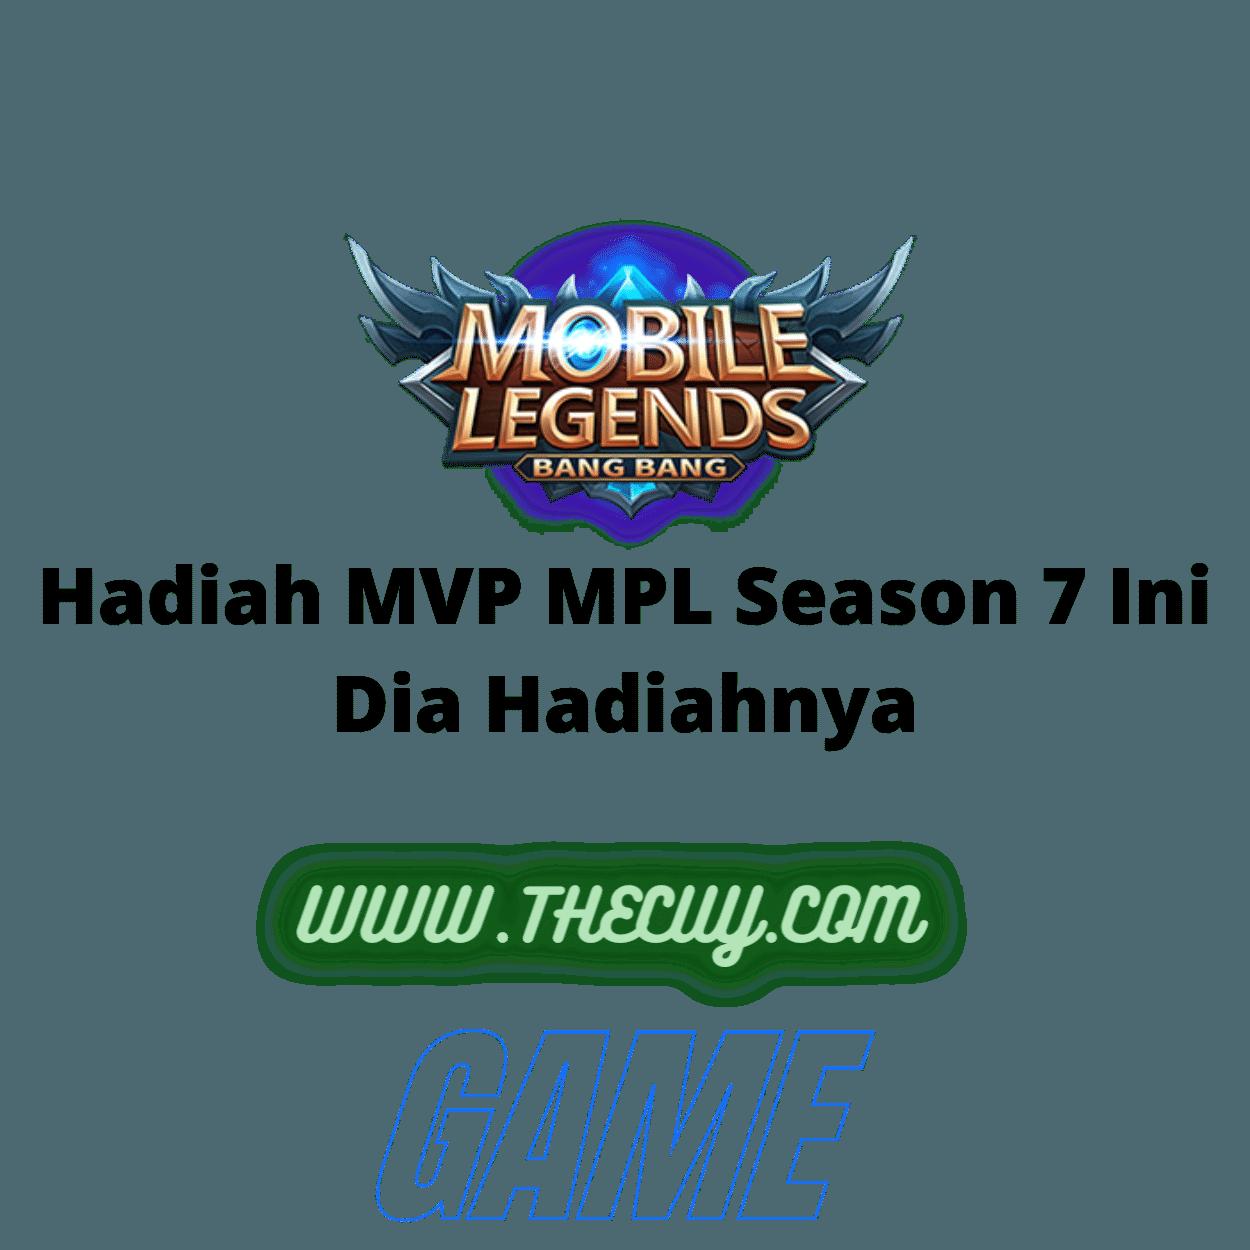 Hadiah MVP MPL Season 7 Ini Dia Hadiahnya